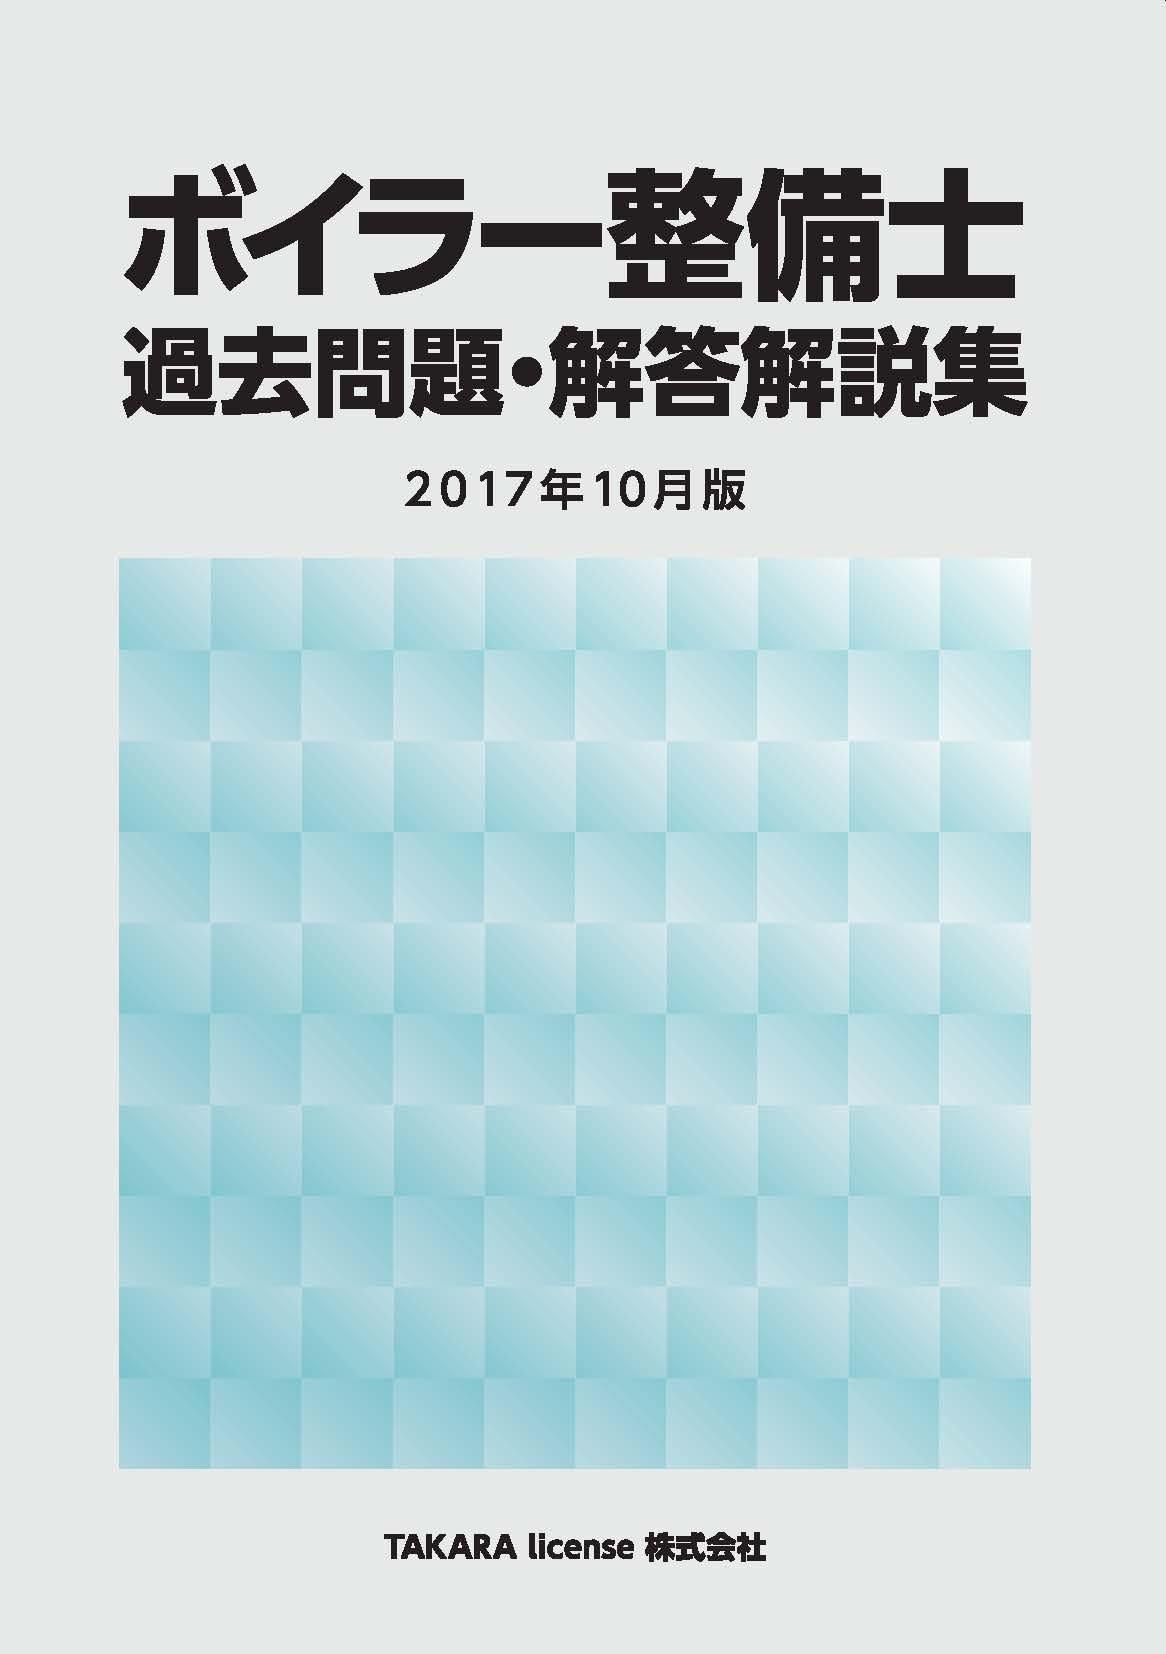 ボイラー整備士 過去問題・解答解説集 2017年10月版 単行本(ソフトカバー)2017/10/6